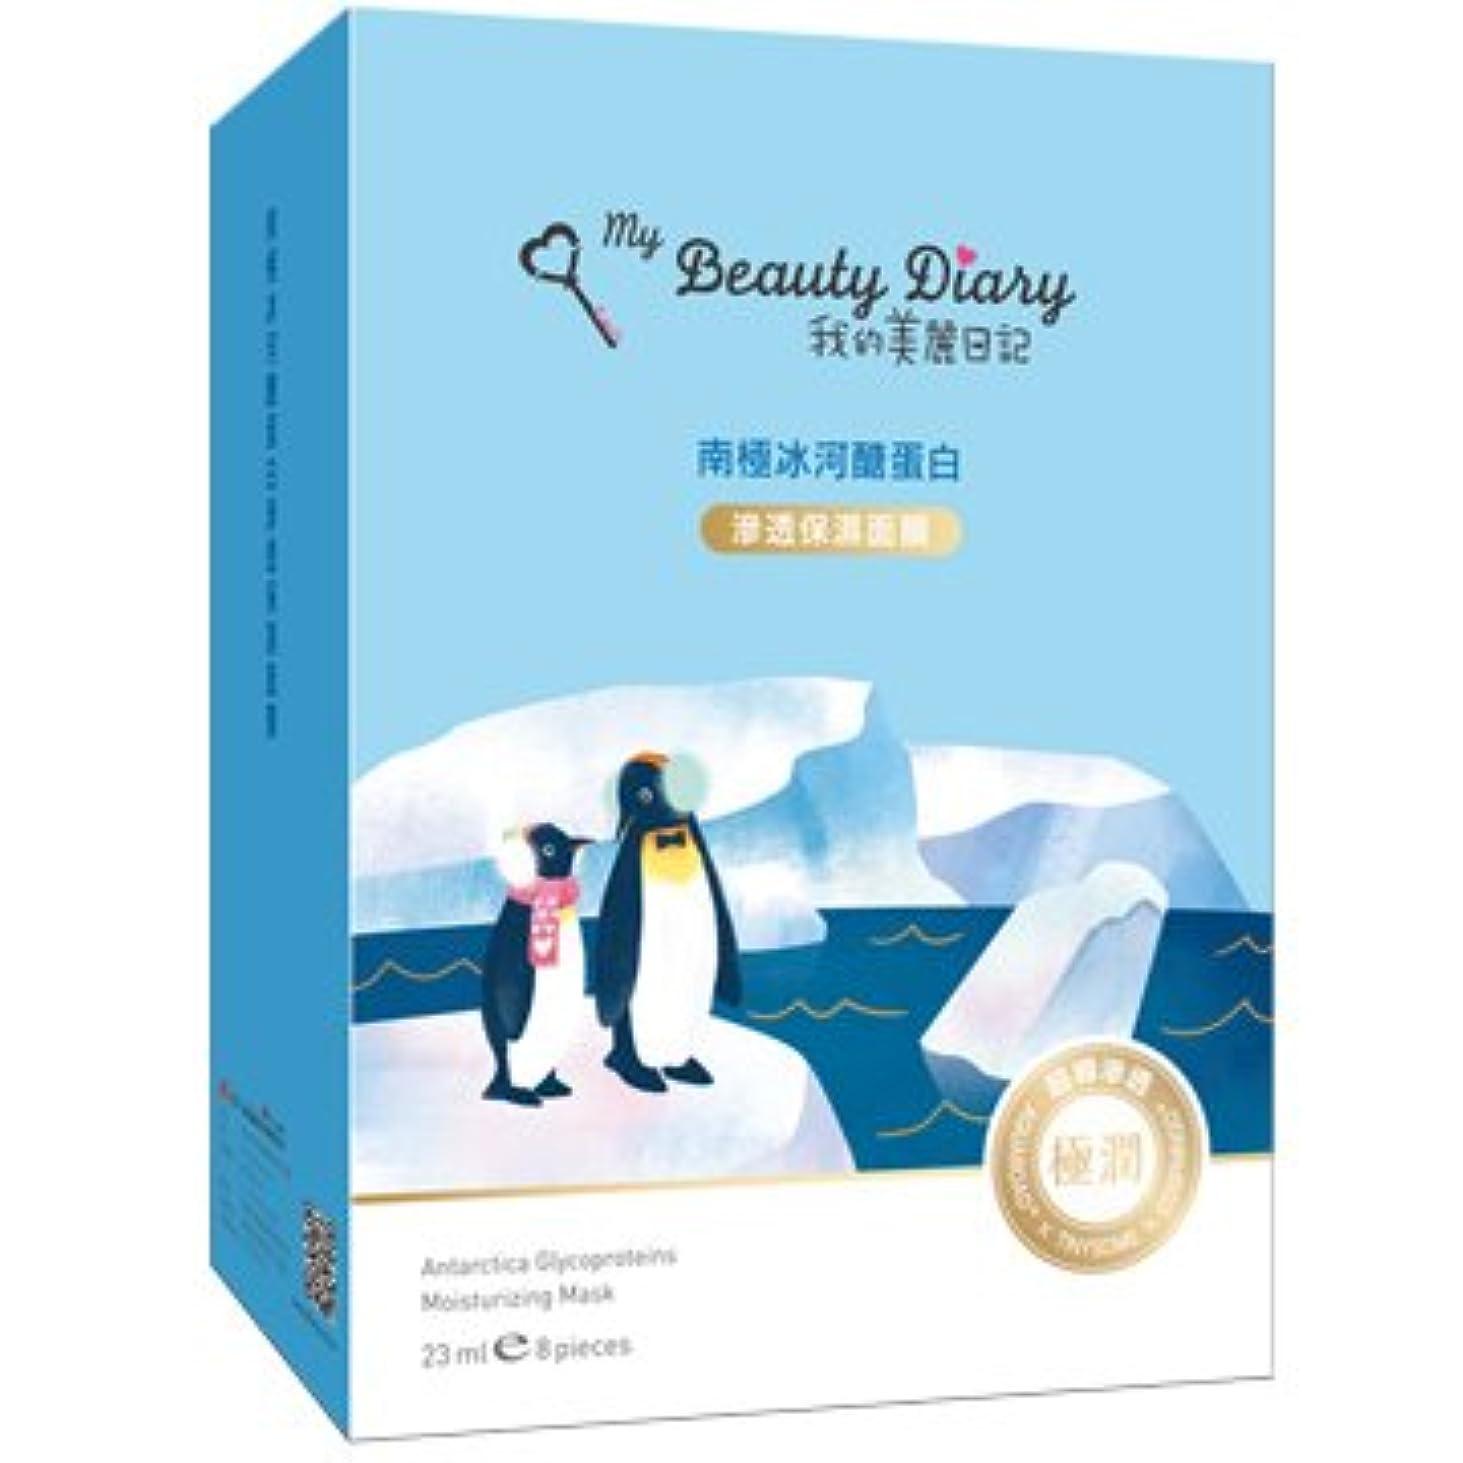 《我的美麗日記》 私のきれい日記 南極冰河糖蛋白面膜(アンターティック グリコプロテイン?マスク) 8枚入り 《台湾 お土産》 [並行輸入品]